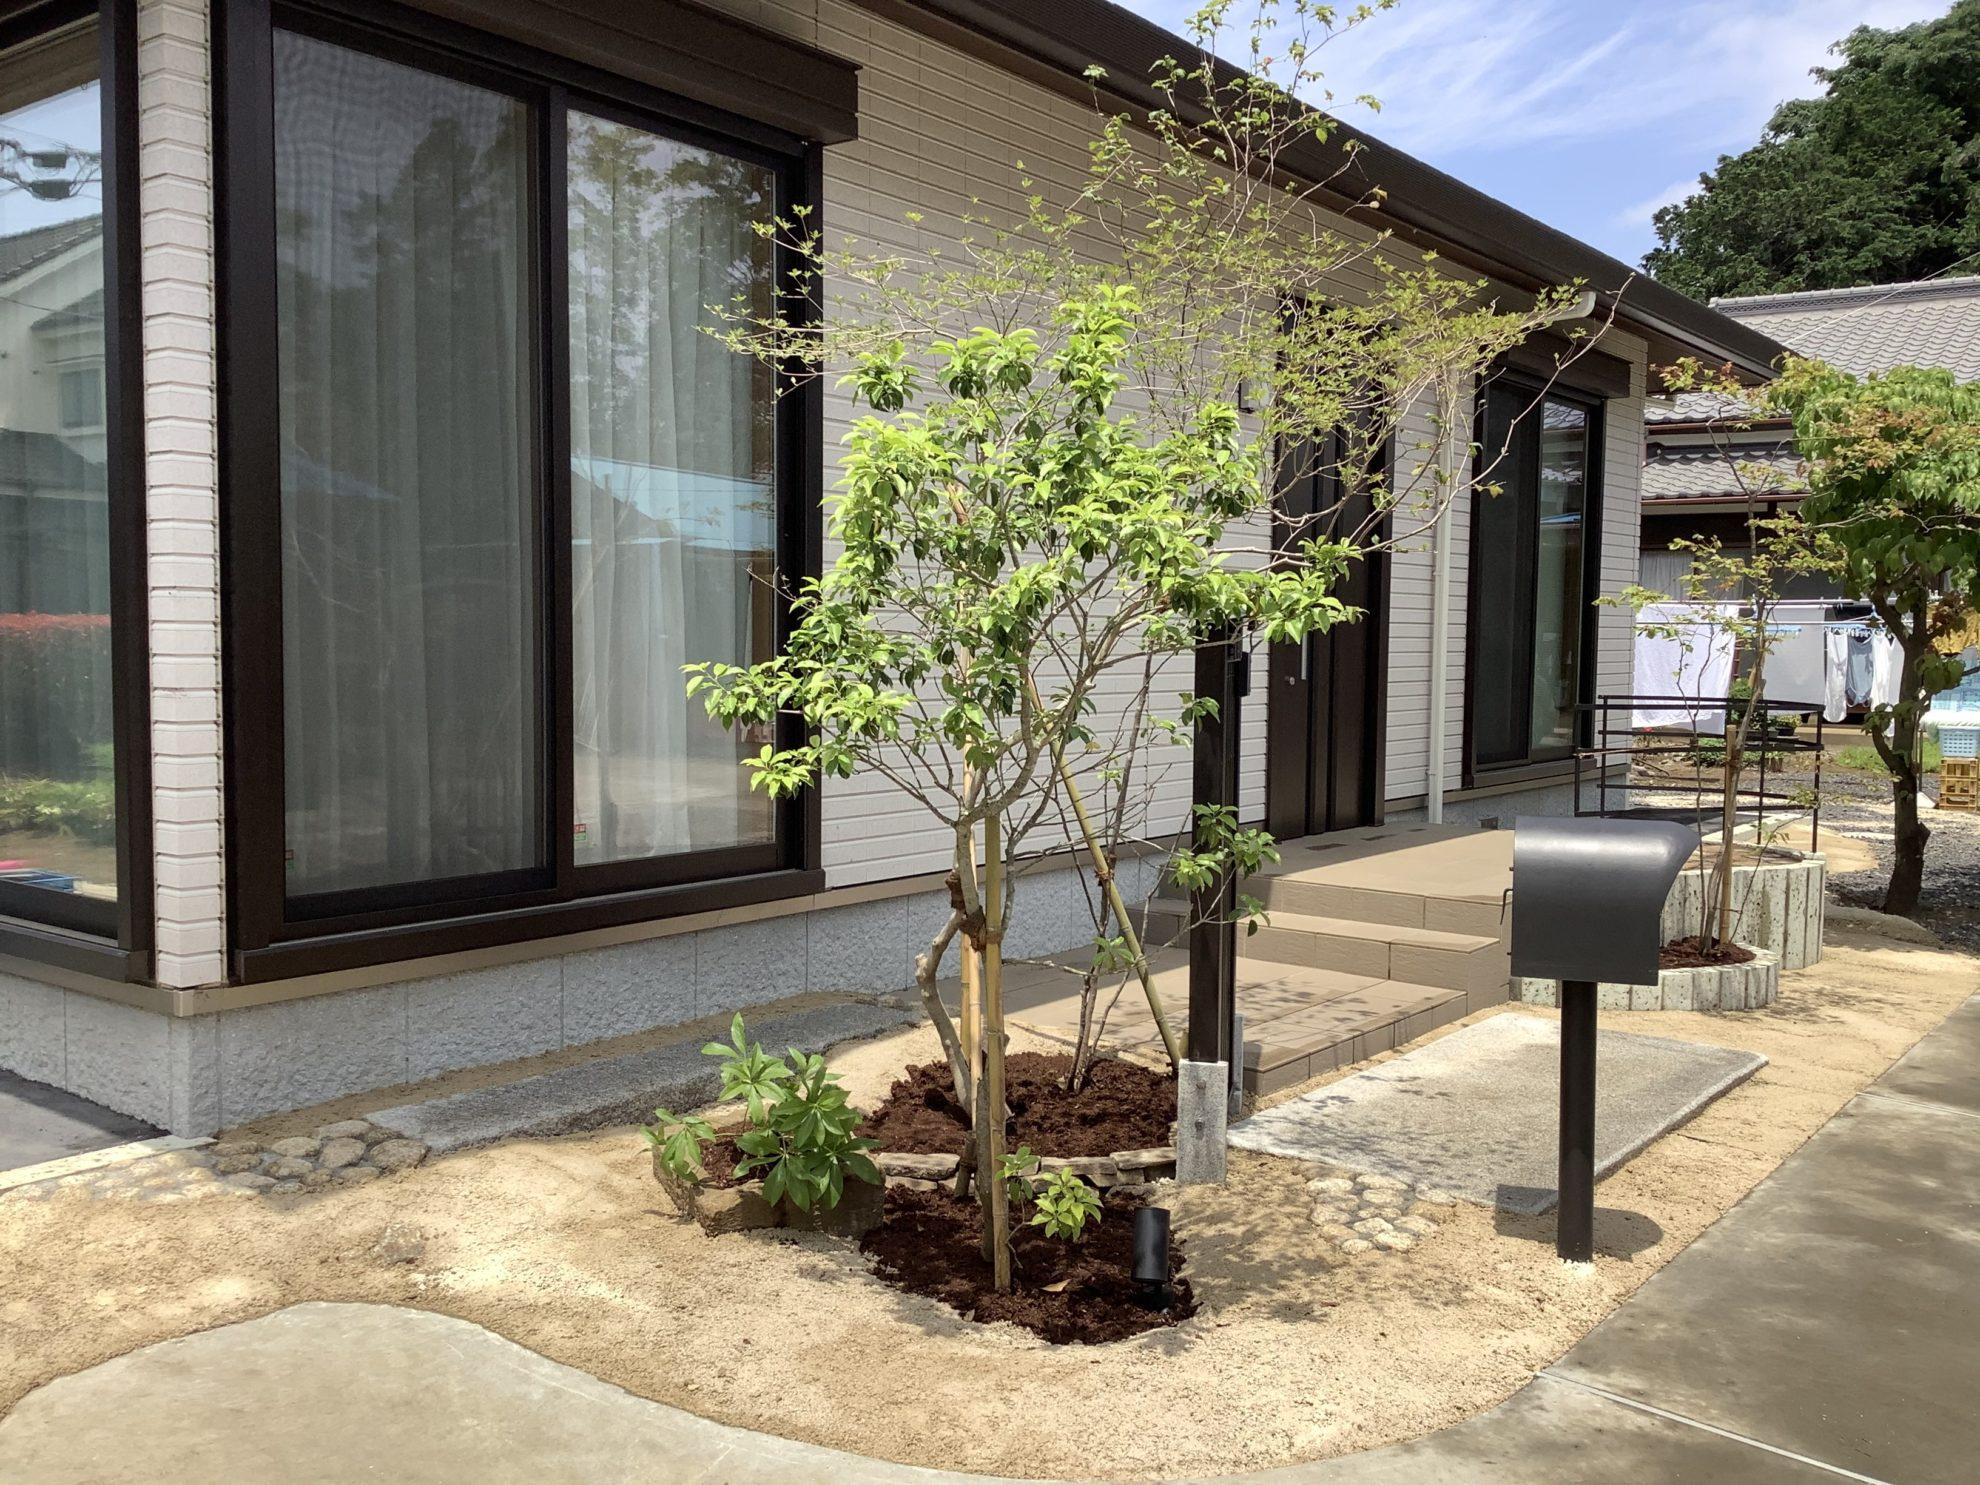 アイアンと自然材料の庭 外構 埼玉県(狭山市)-8